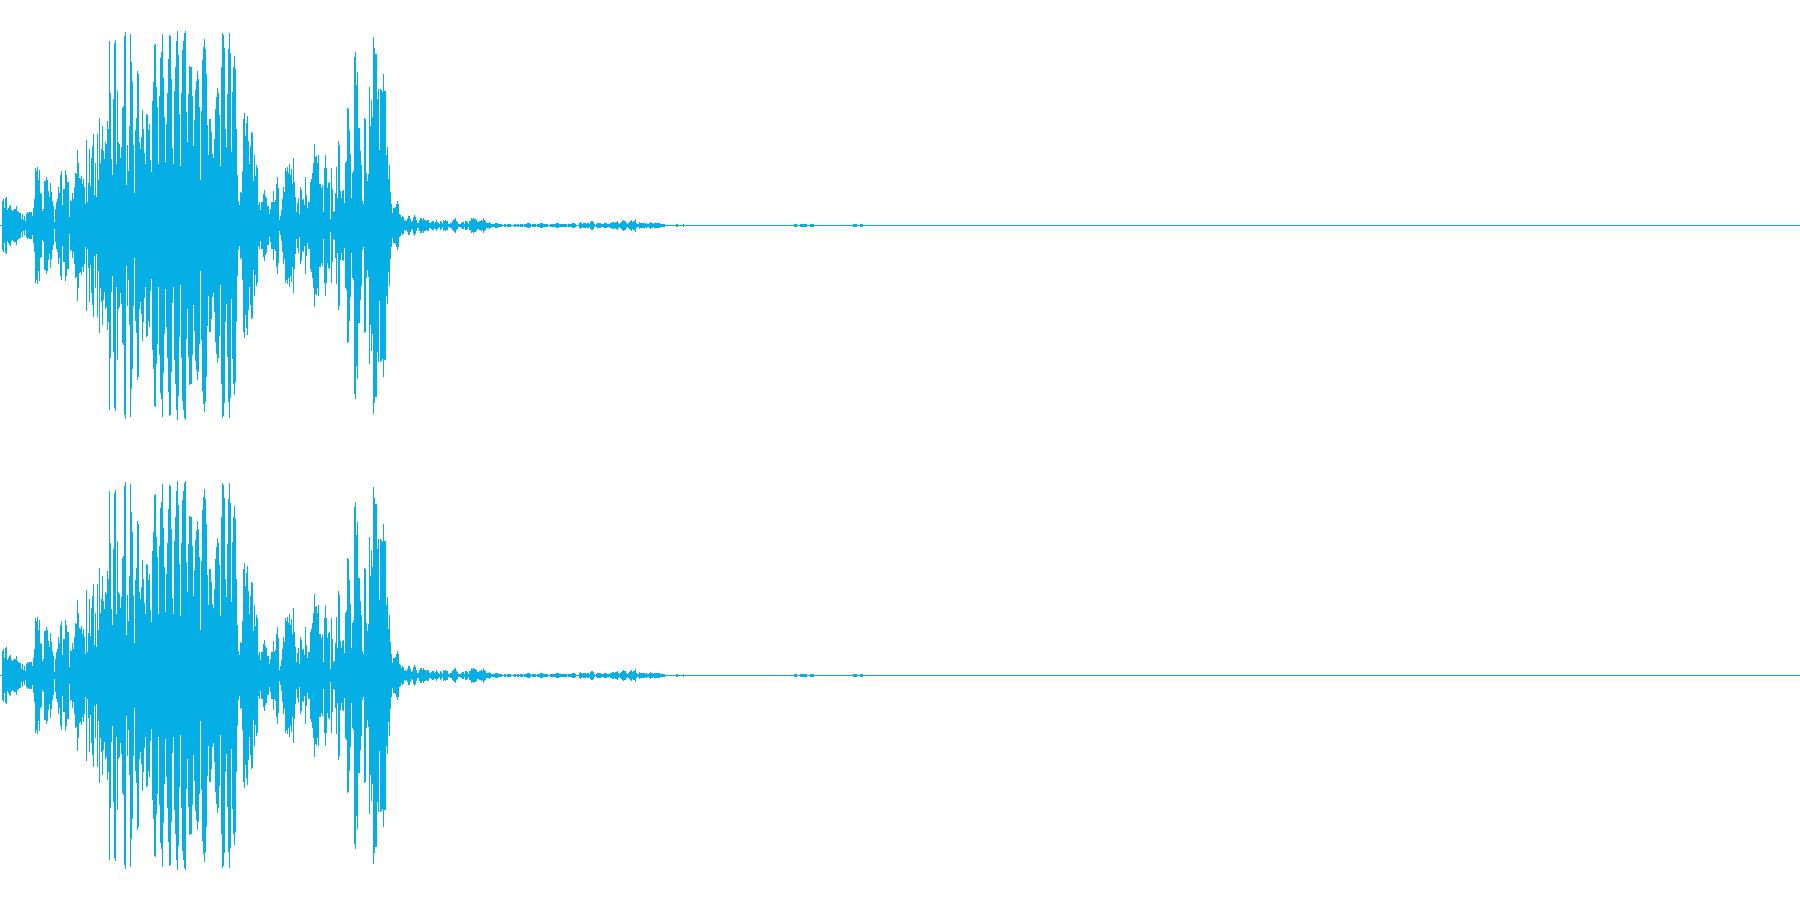 ズボニュの再生済みの波形